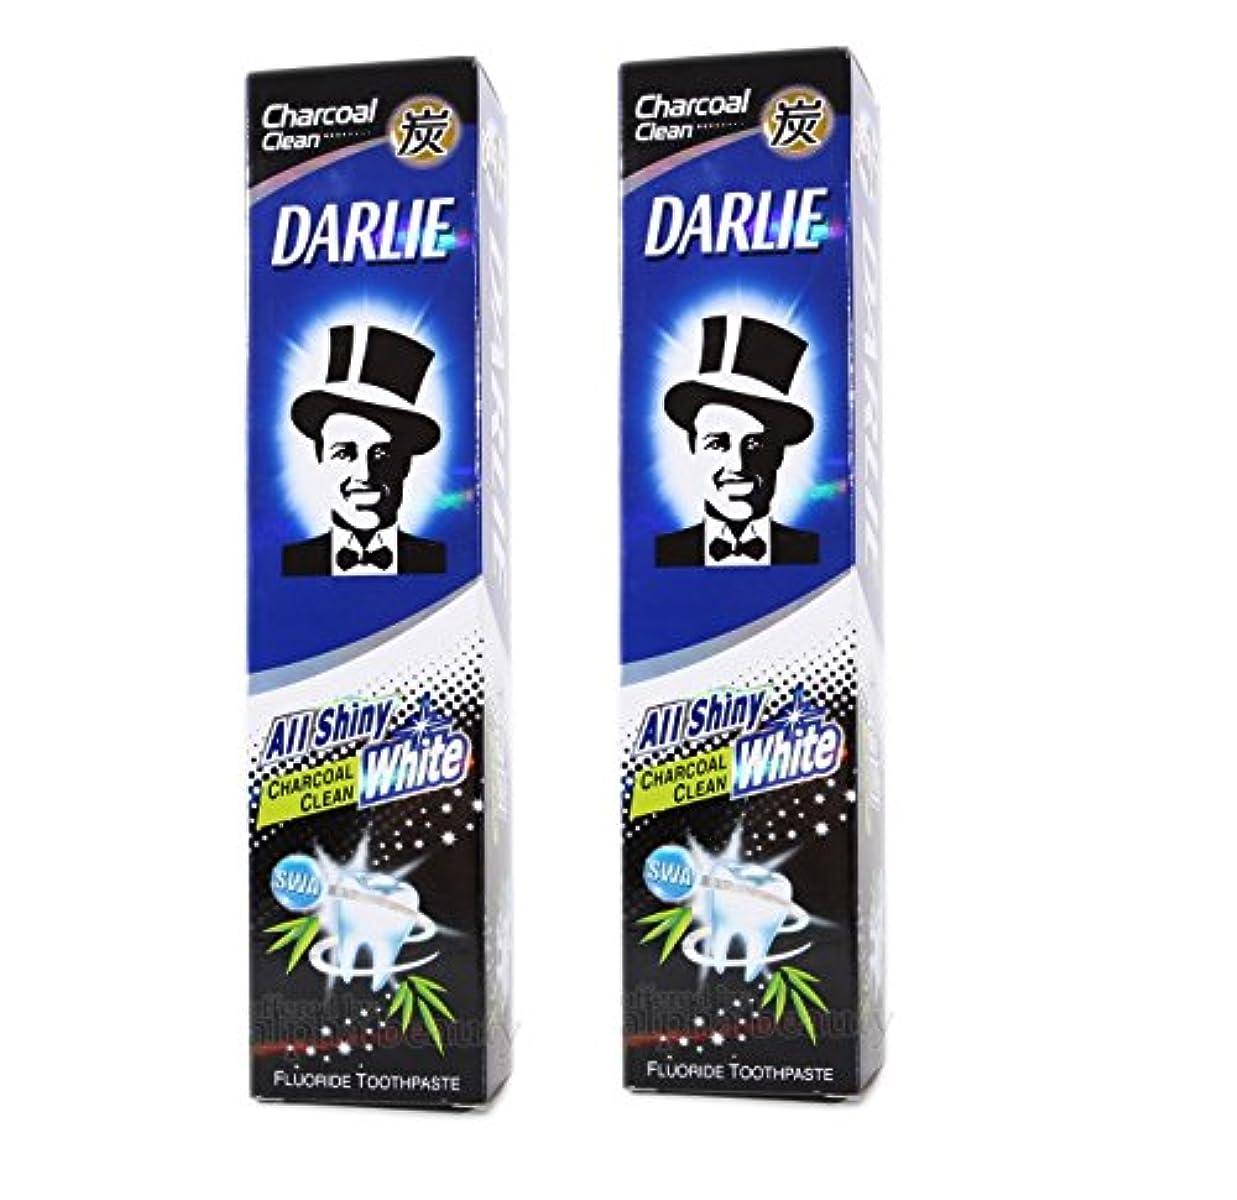 しかしながらアイロニー取り付け2 packs of Darlie Charcoal All Shiny Whitening Toothpaste by Darlie